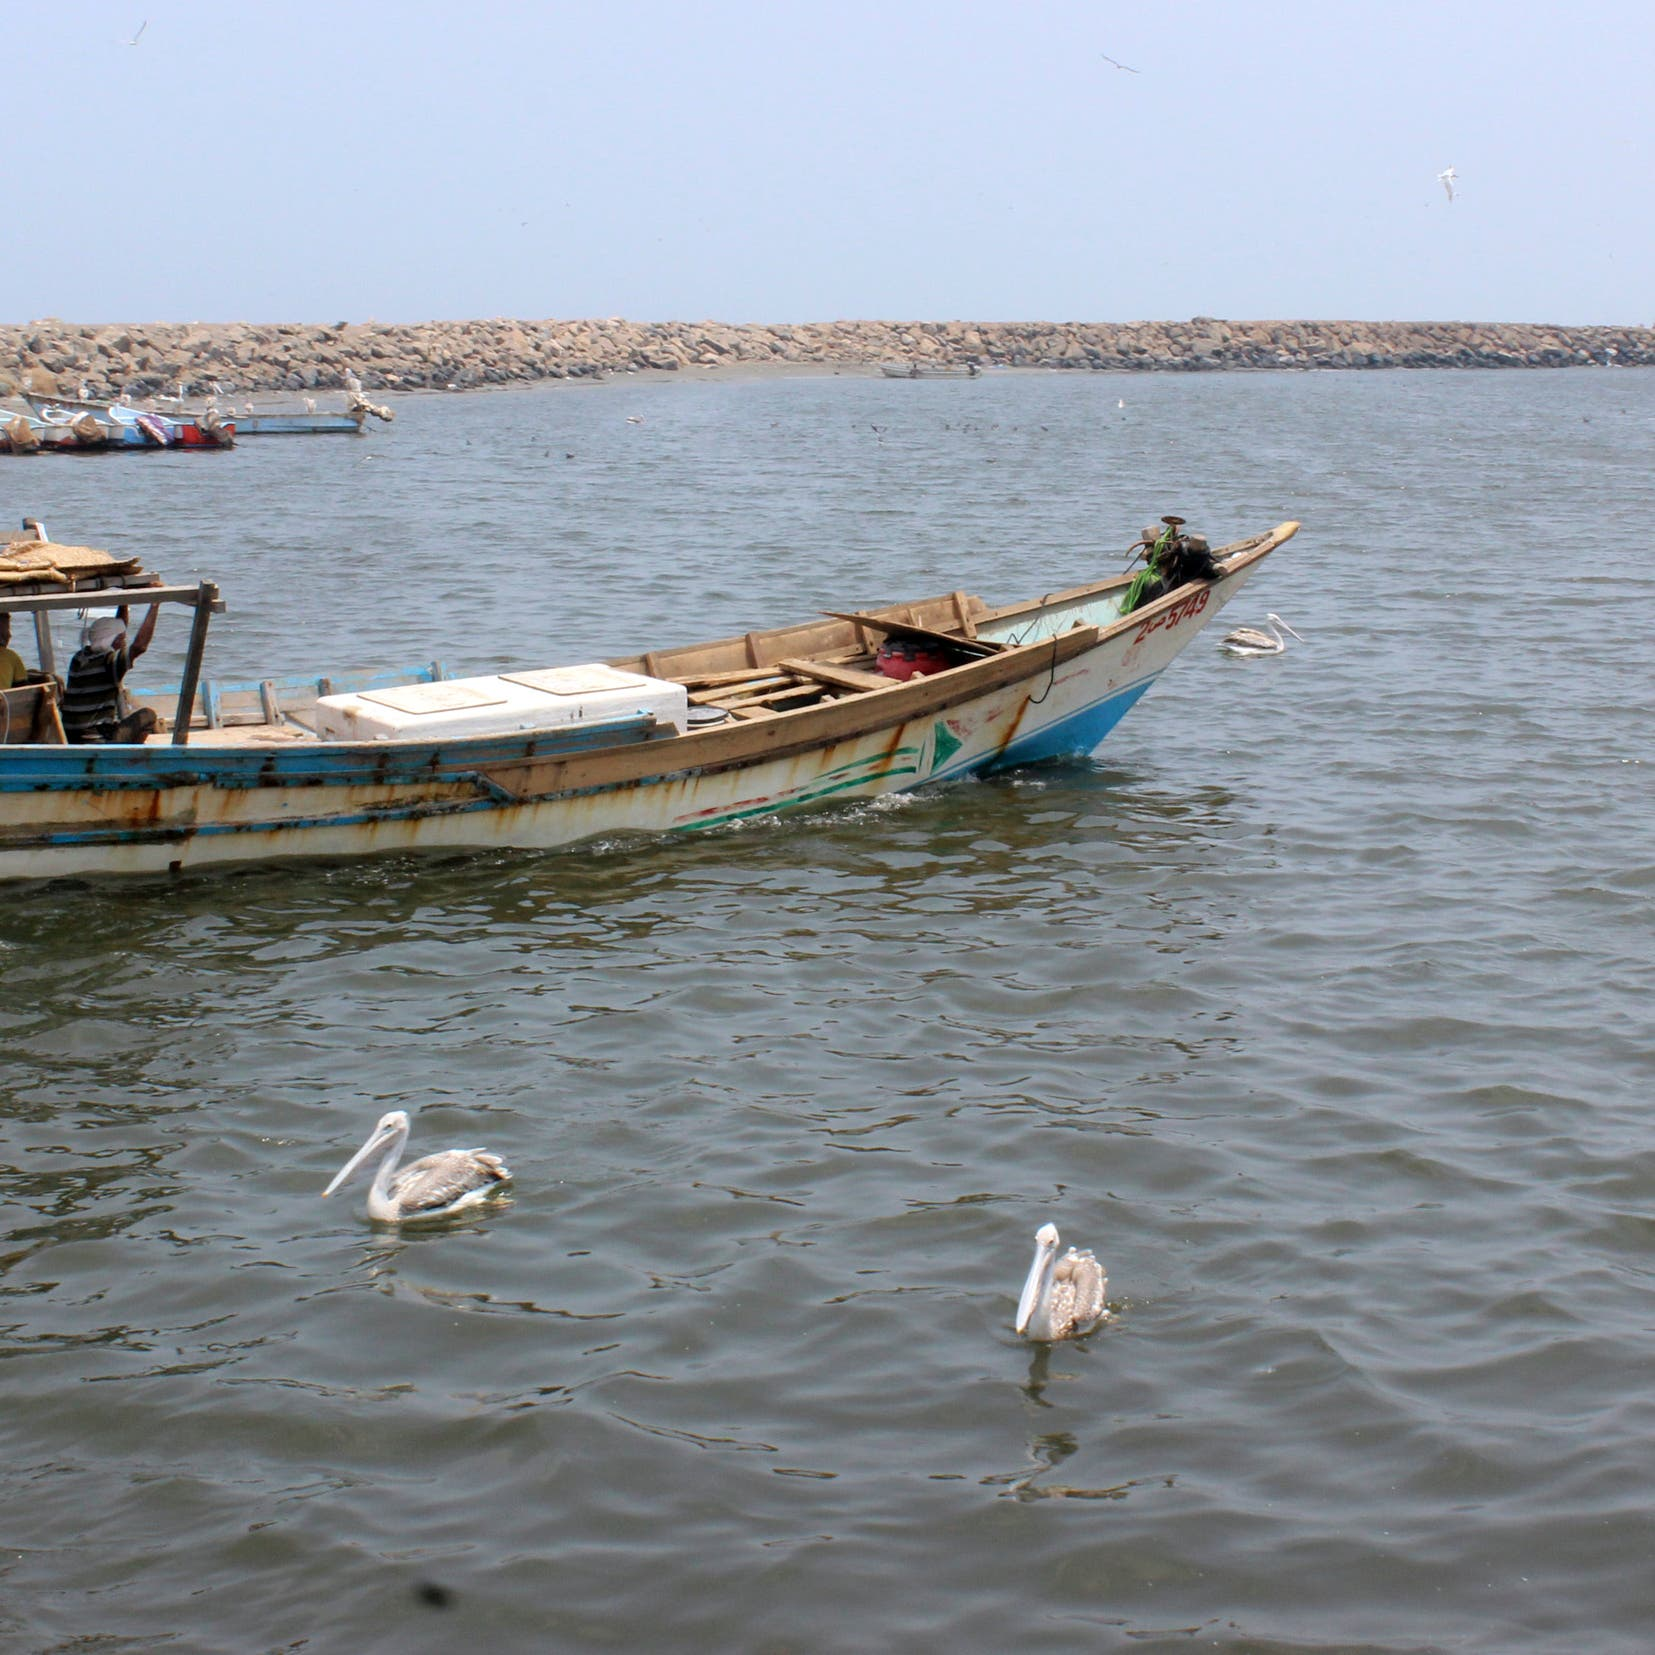 التحالف: اعتراض زورق حوثي مفخخ جنوب البحر الأحمر